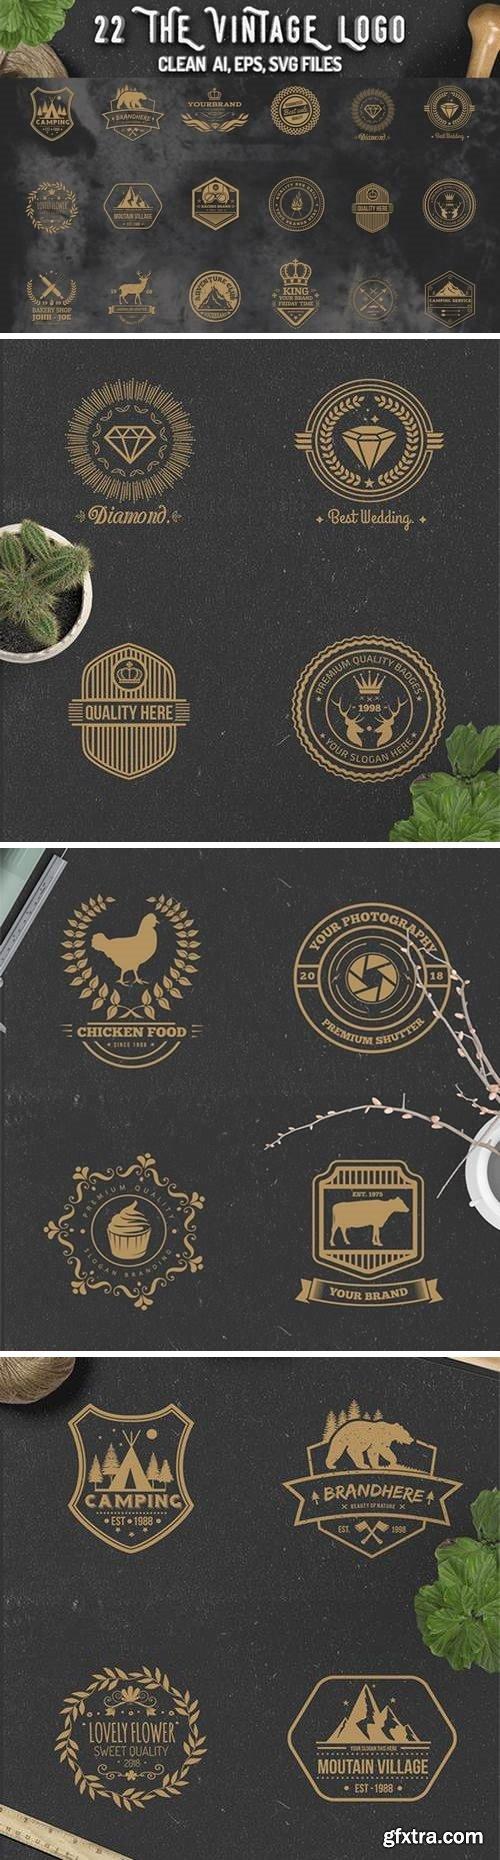 22 Vintage Logos